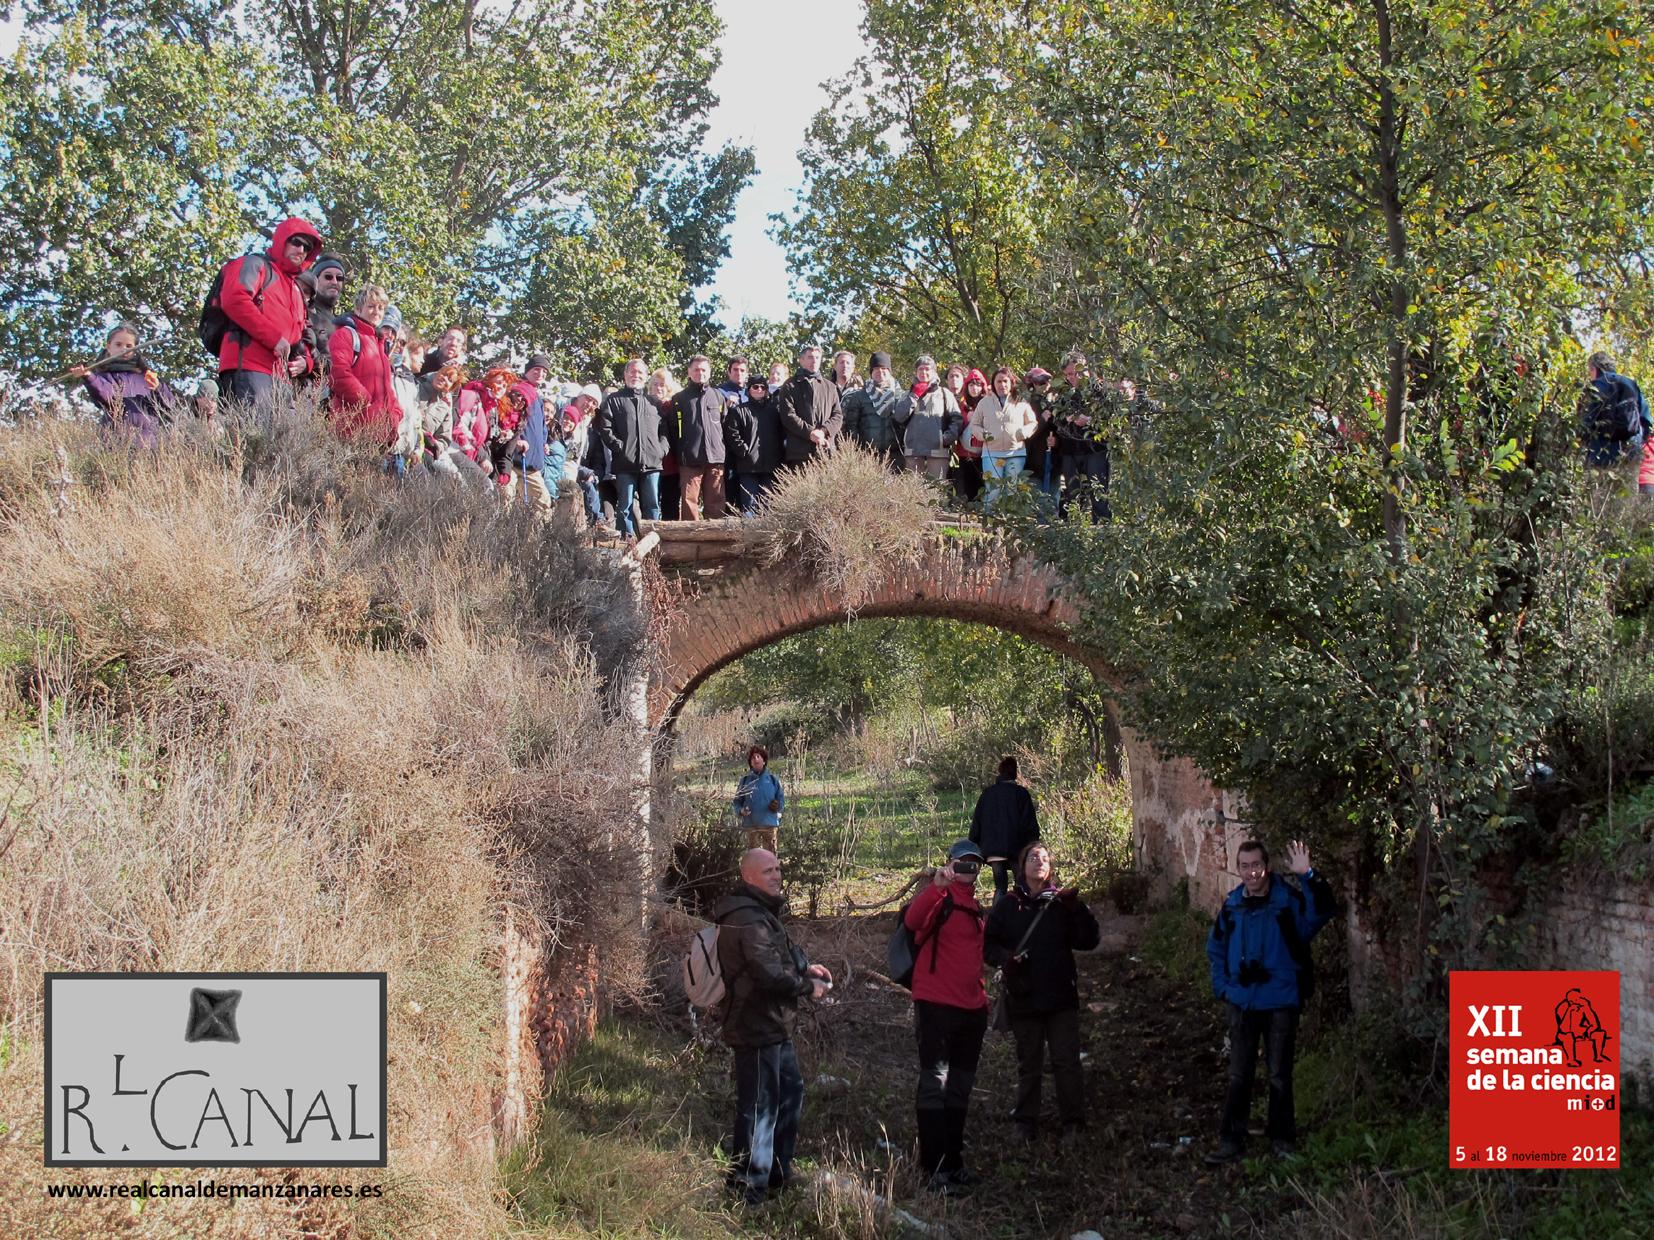 Posando en la Novena Esclusa. Excursión de la Semana de la Ciencia, 11 de Noviembre de 2012